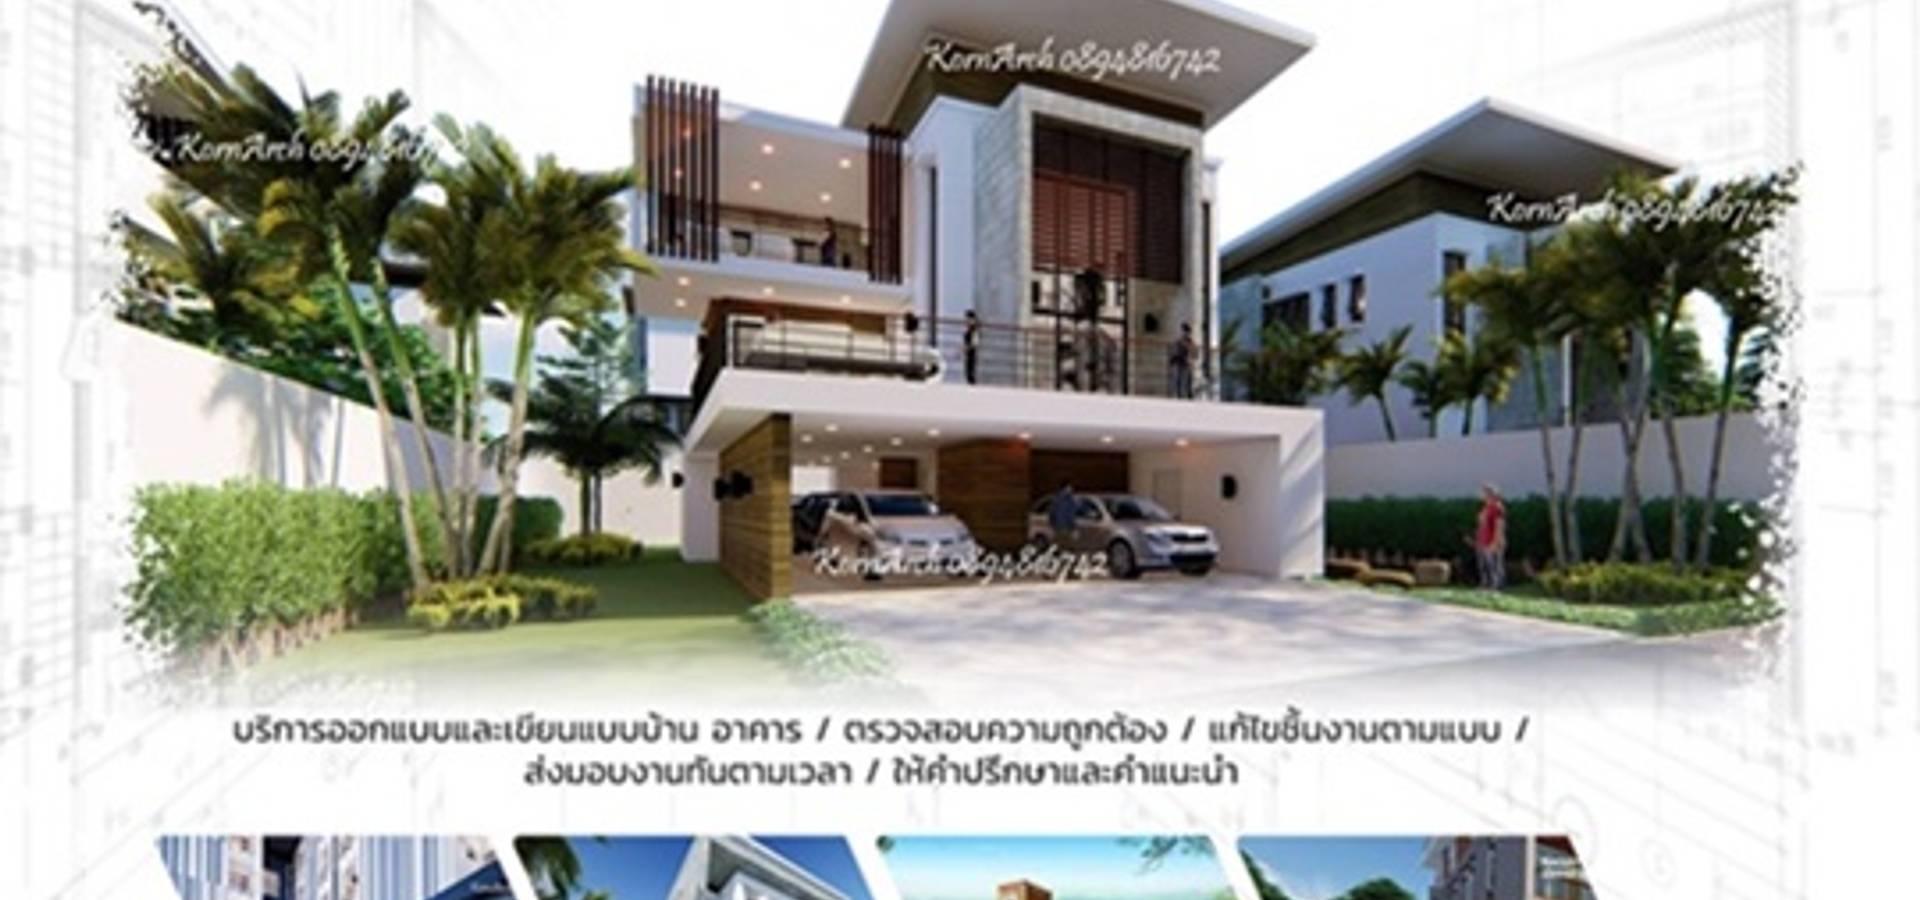 กรอาร์ช ดีไซน์ / KornArch Design